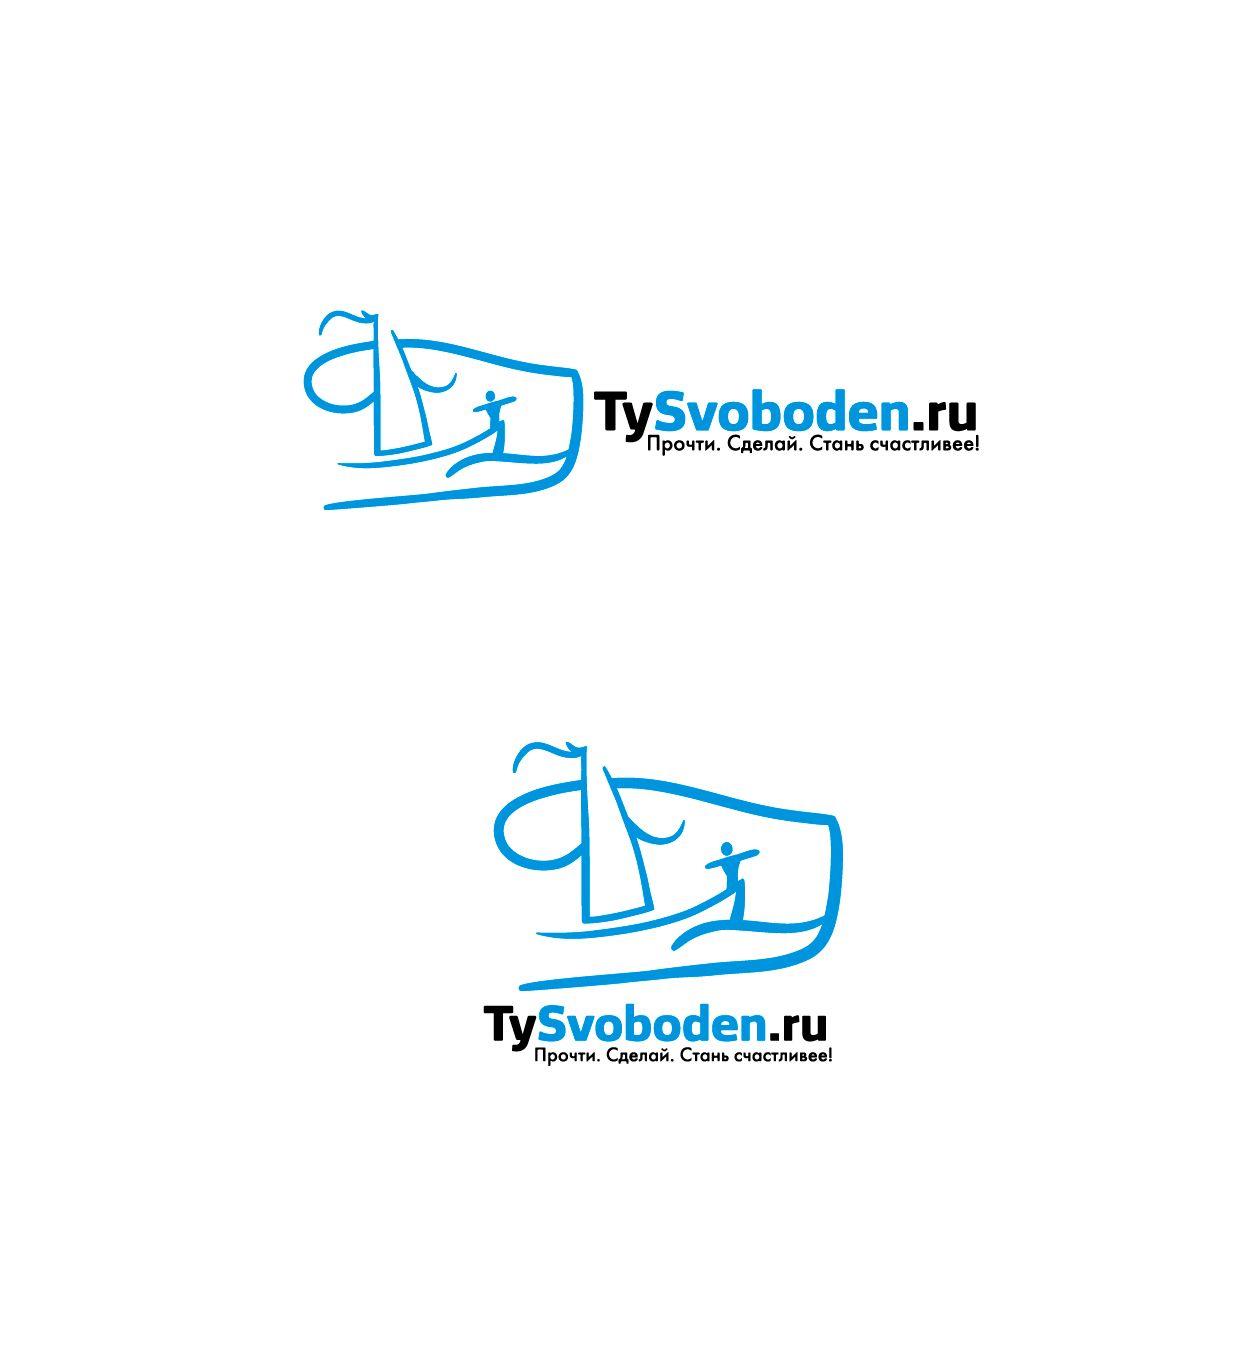 Разработка логотипа для социального проекта - дизайнер Martins206